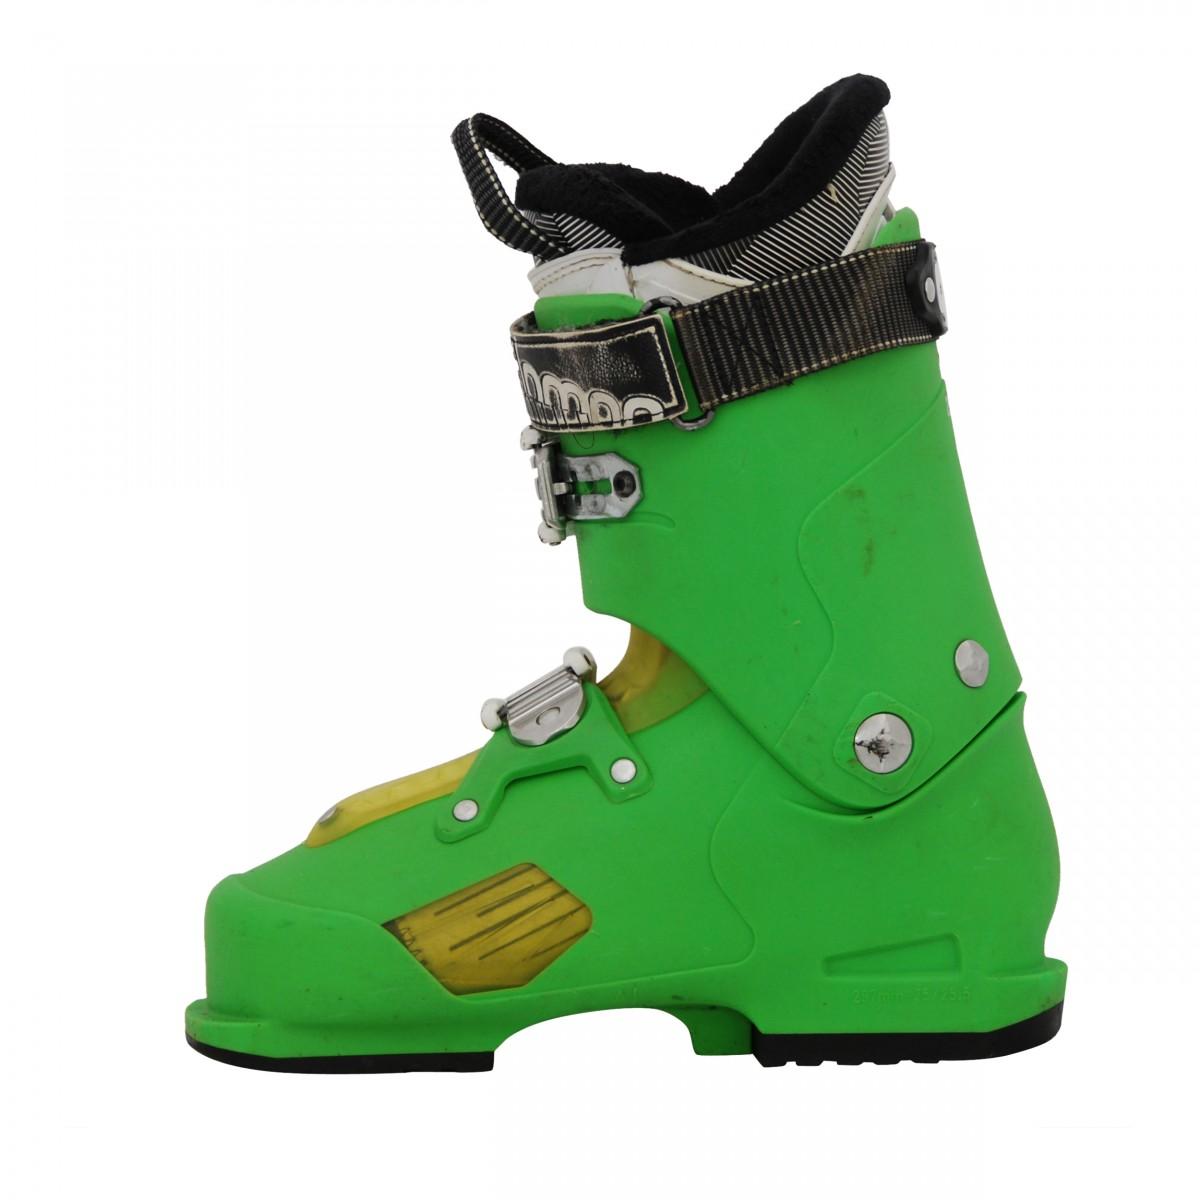 Gebrauchter Skischuh Salomon focus green